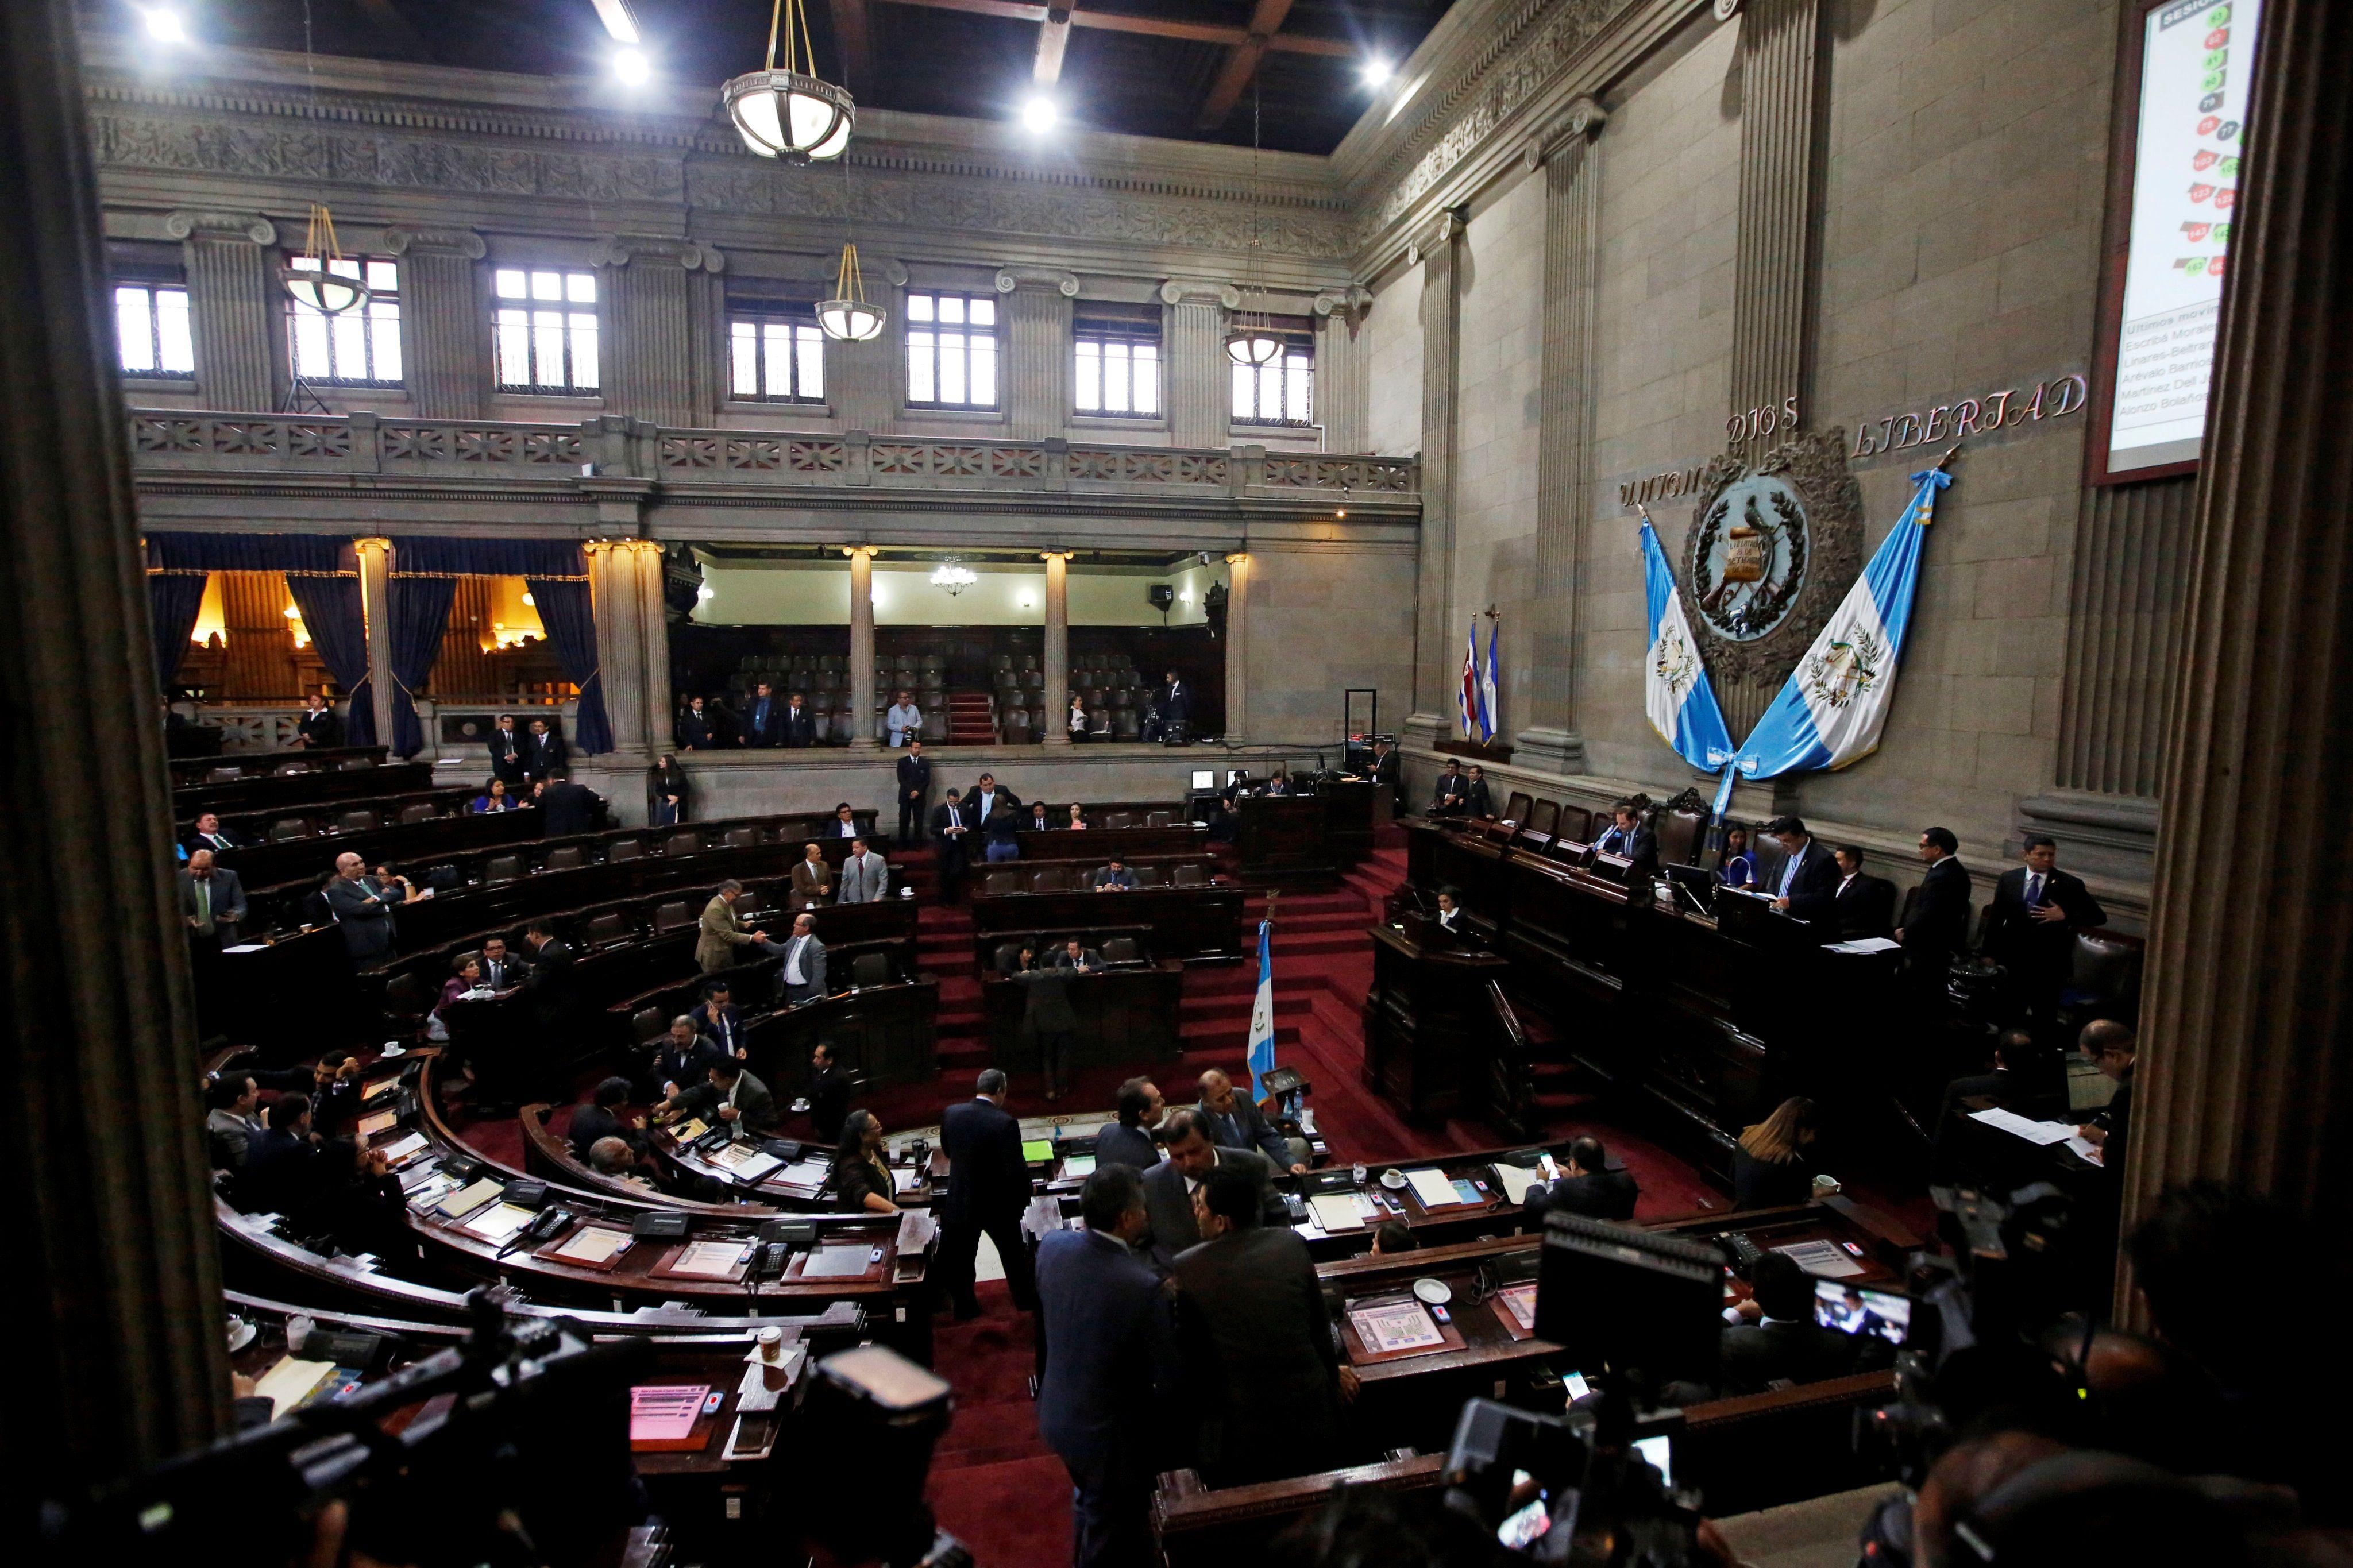 Vista general del hemiciclo del Congreso de Guatemala en Ciudad de Guatemala. EFE/Esteban Biba/Archivo